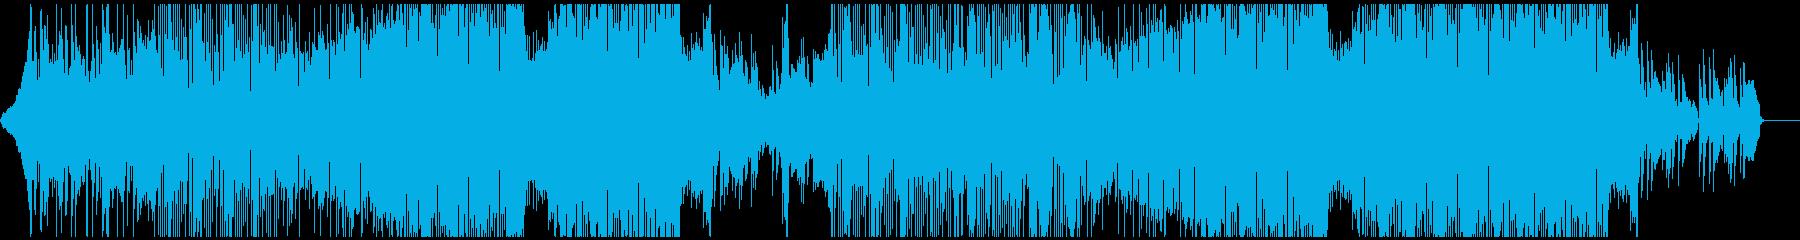 アコースティックギターのフォークトロニカの再生済みの波形